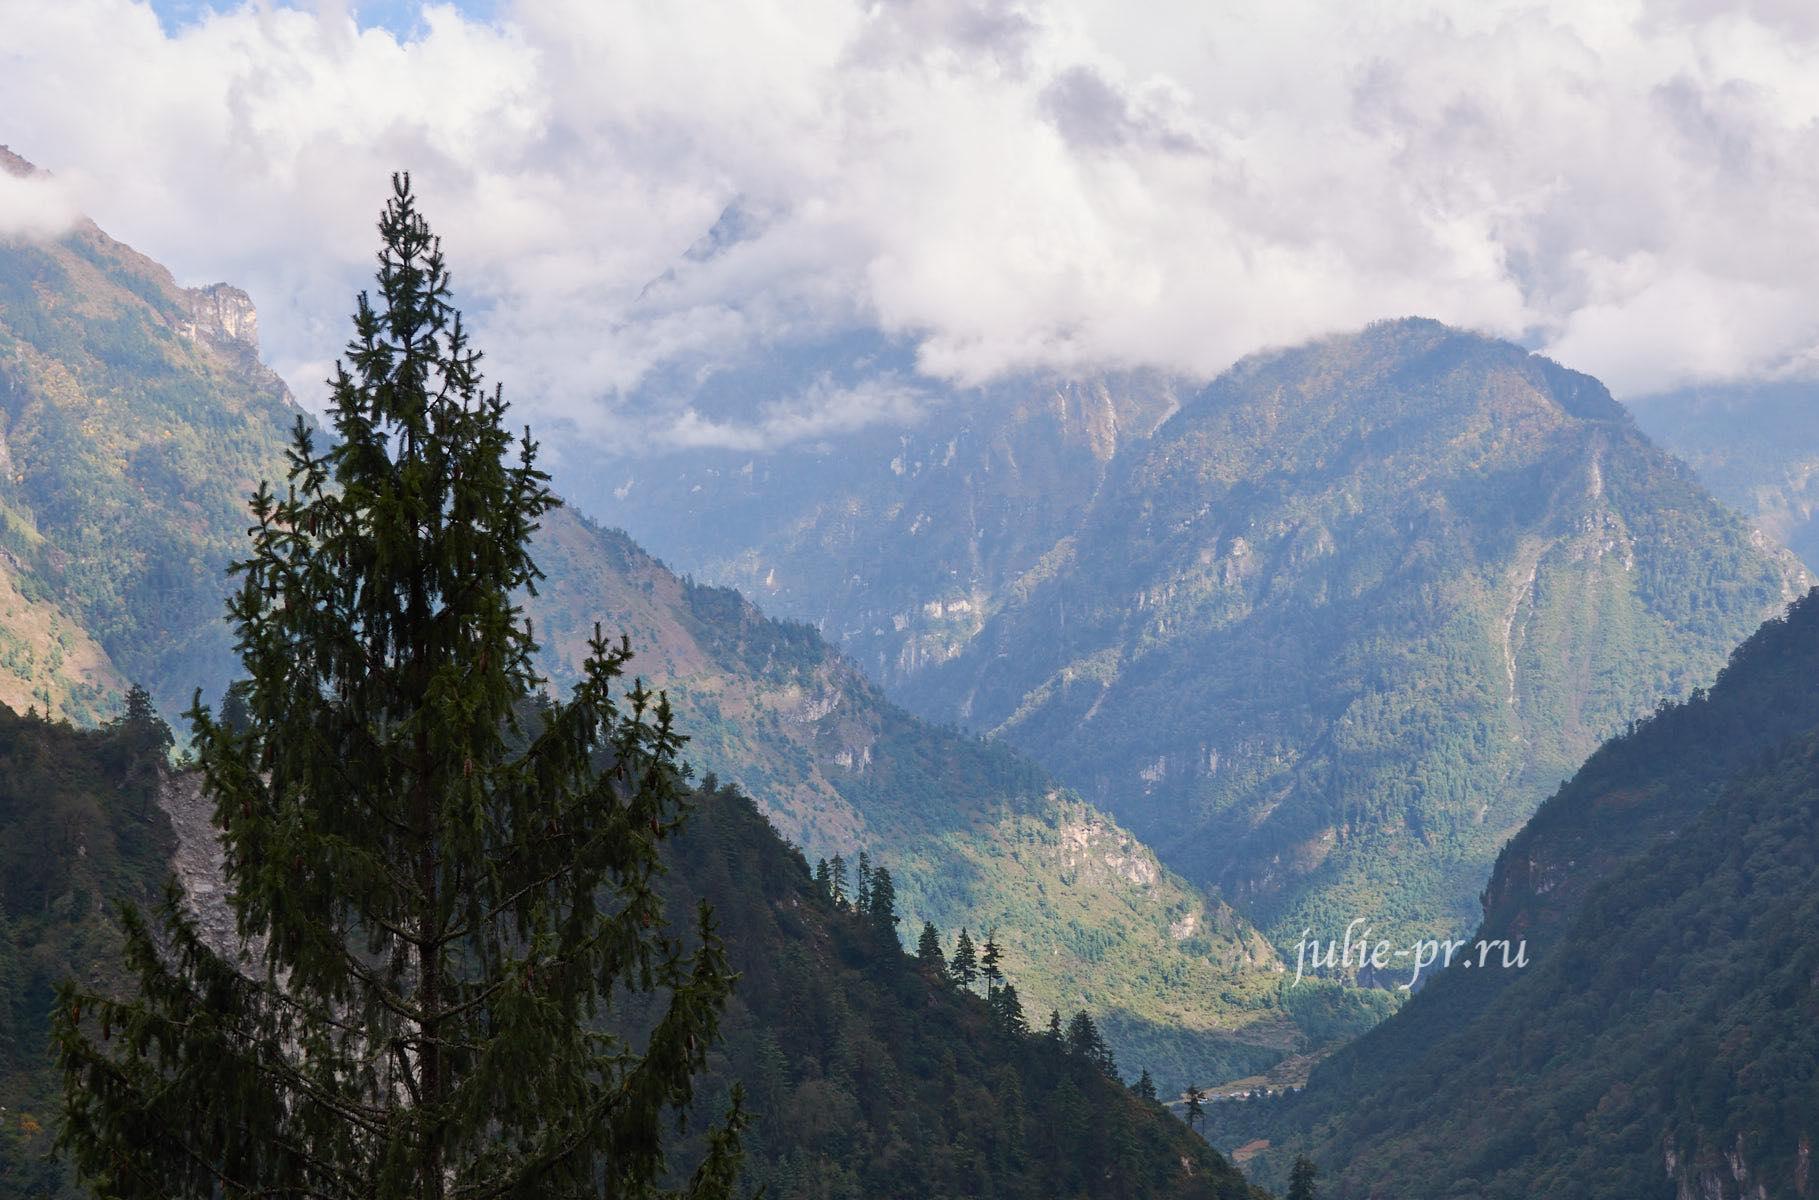 Непал, Трек вокруг Аннапурны, Горы